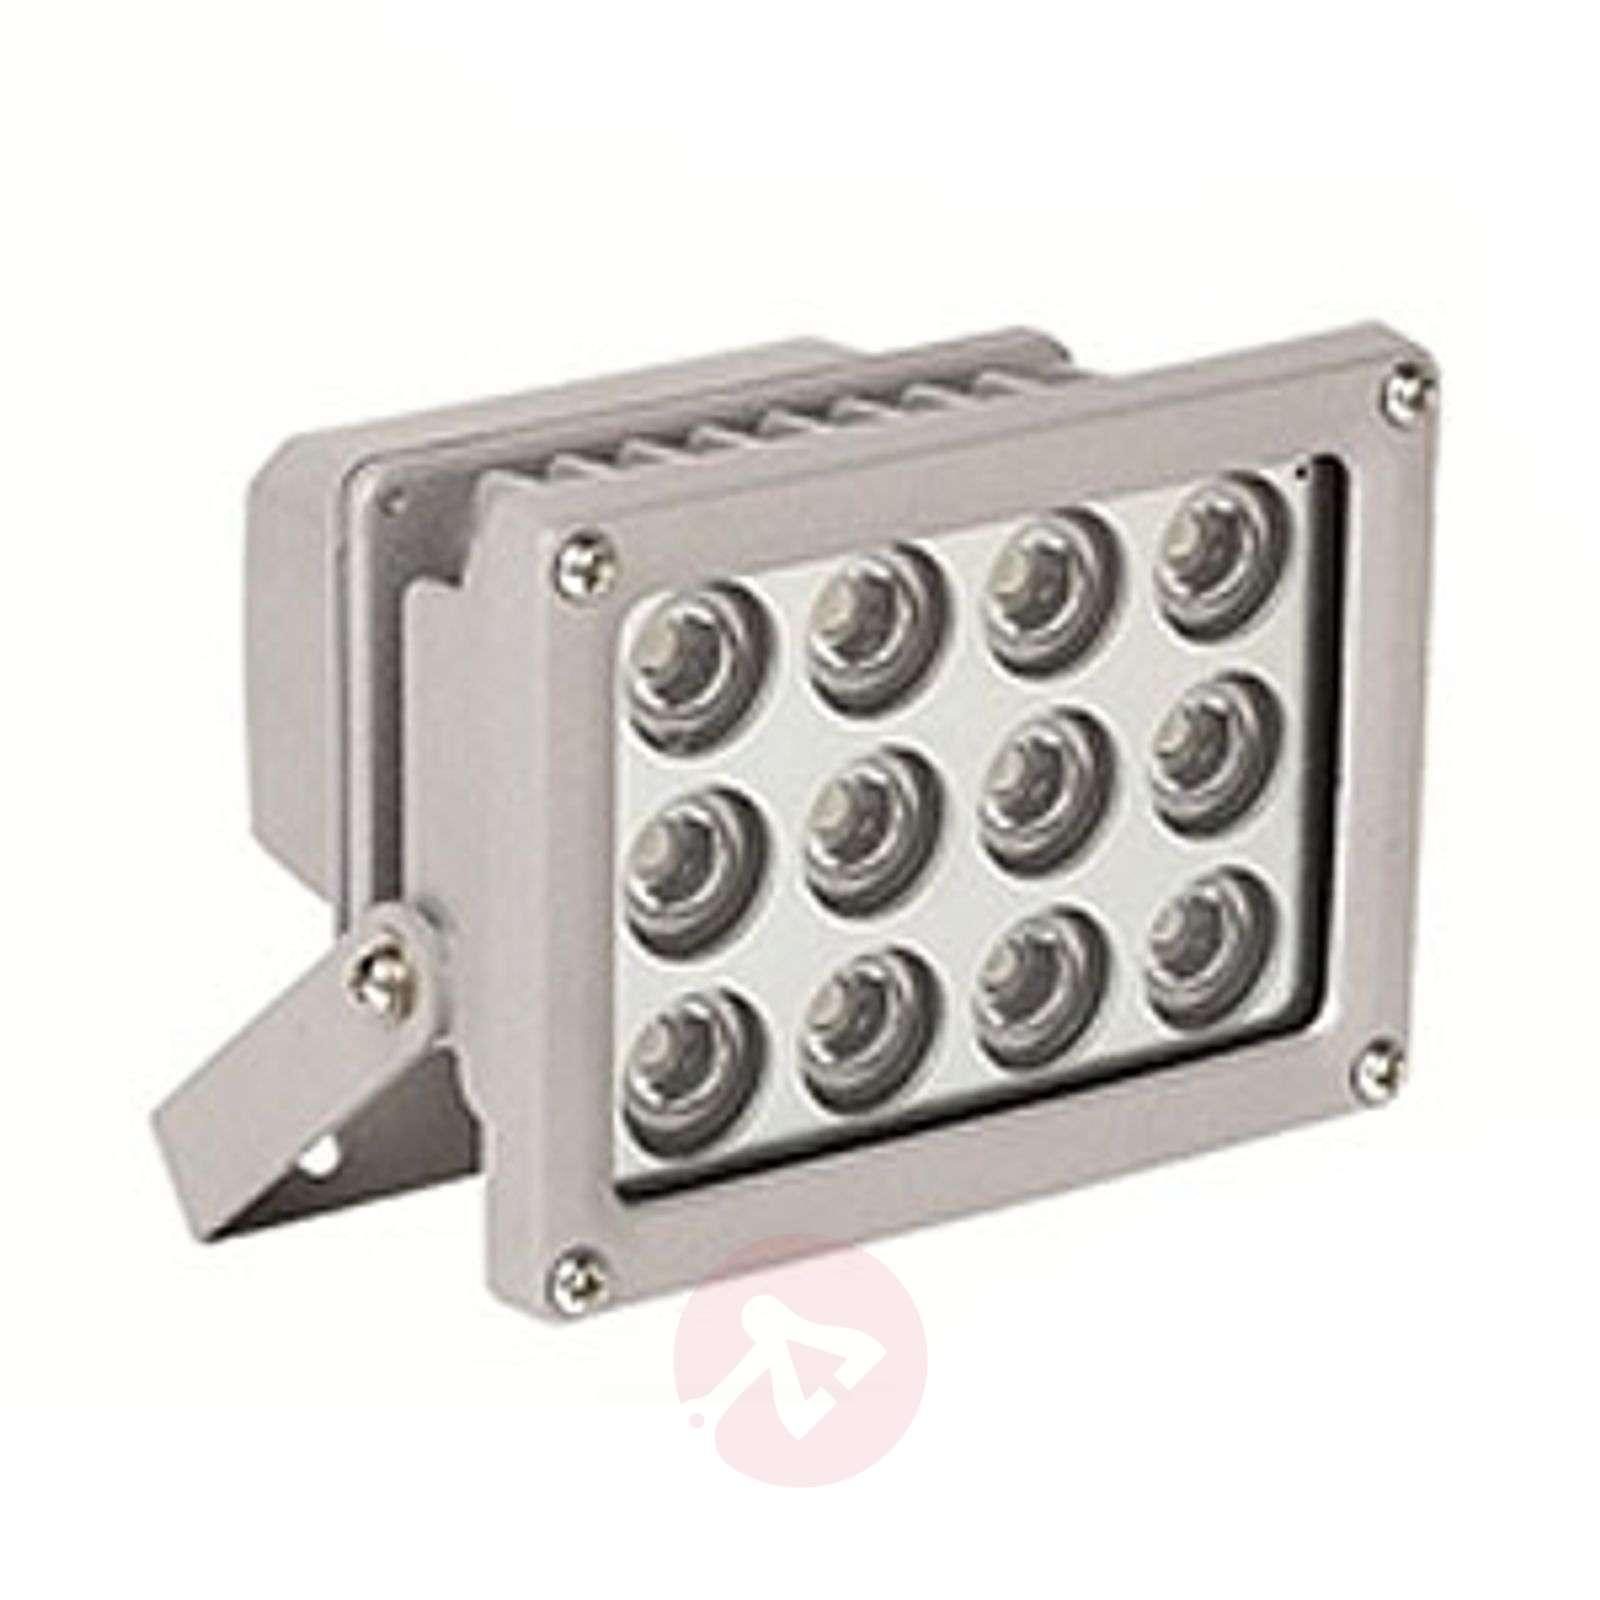 Suuritehoinen LED-ulkokohdevalaisin 403-5000227-01